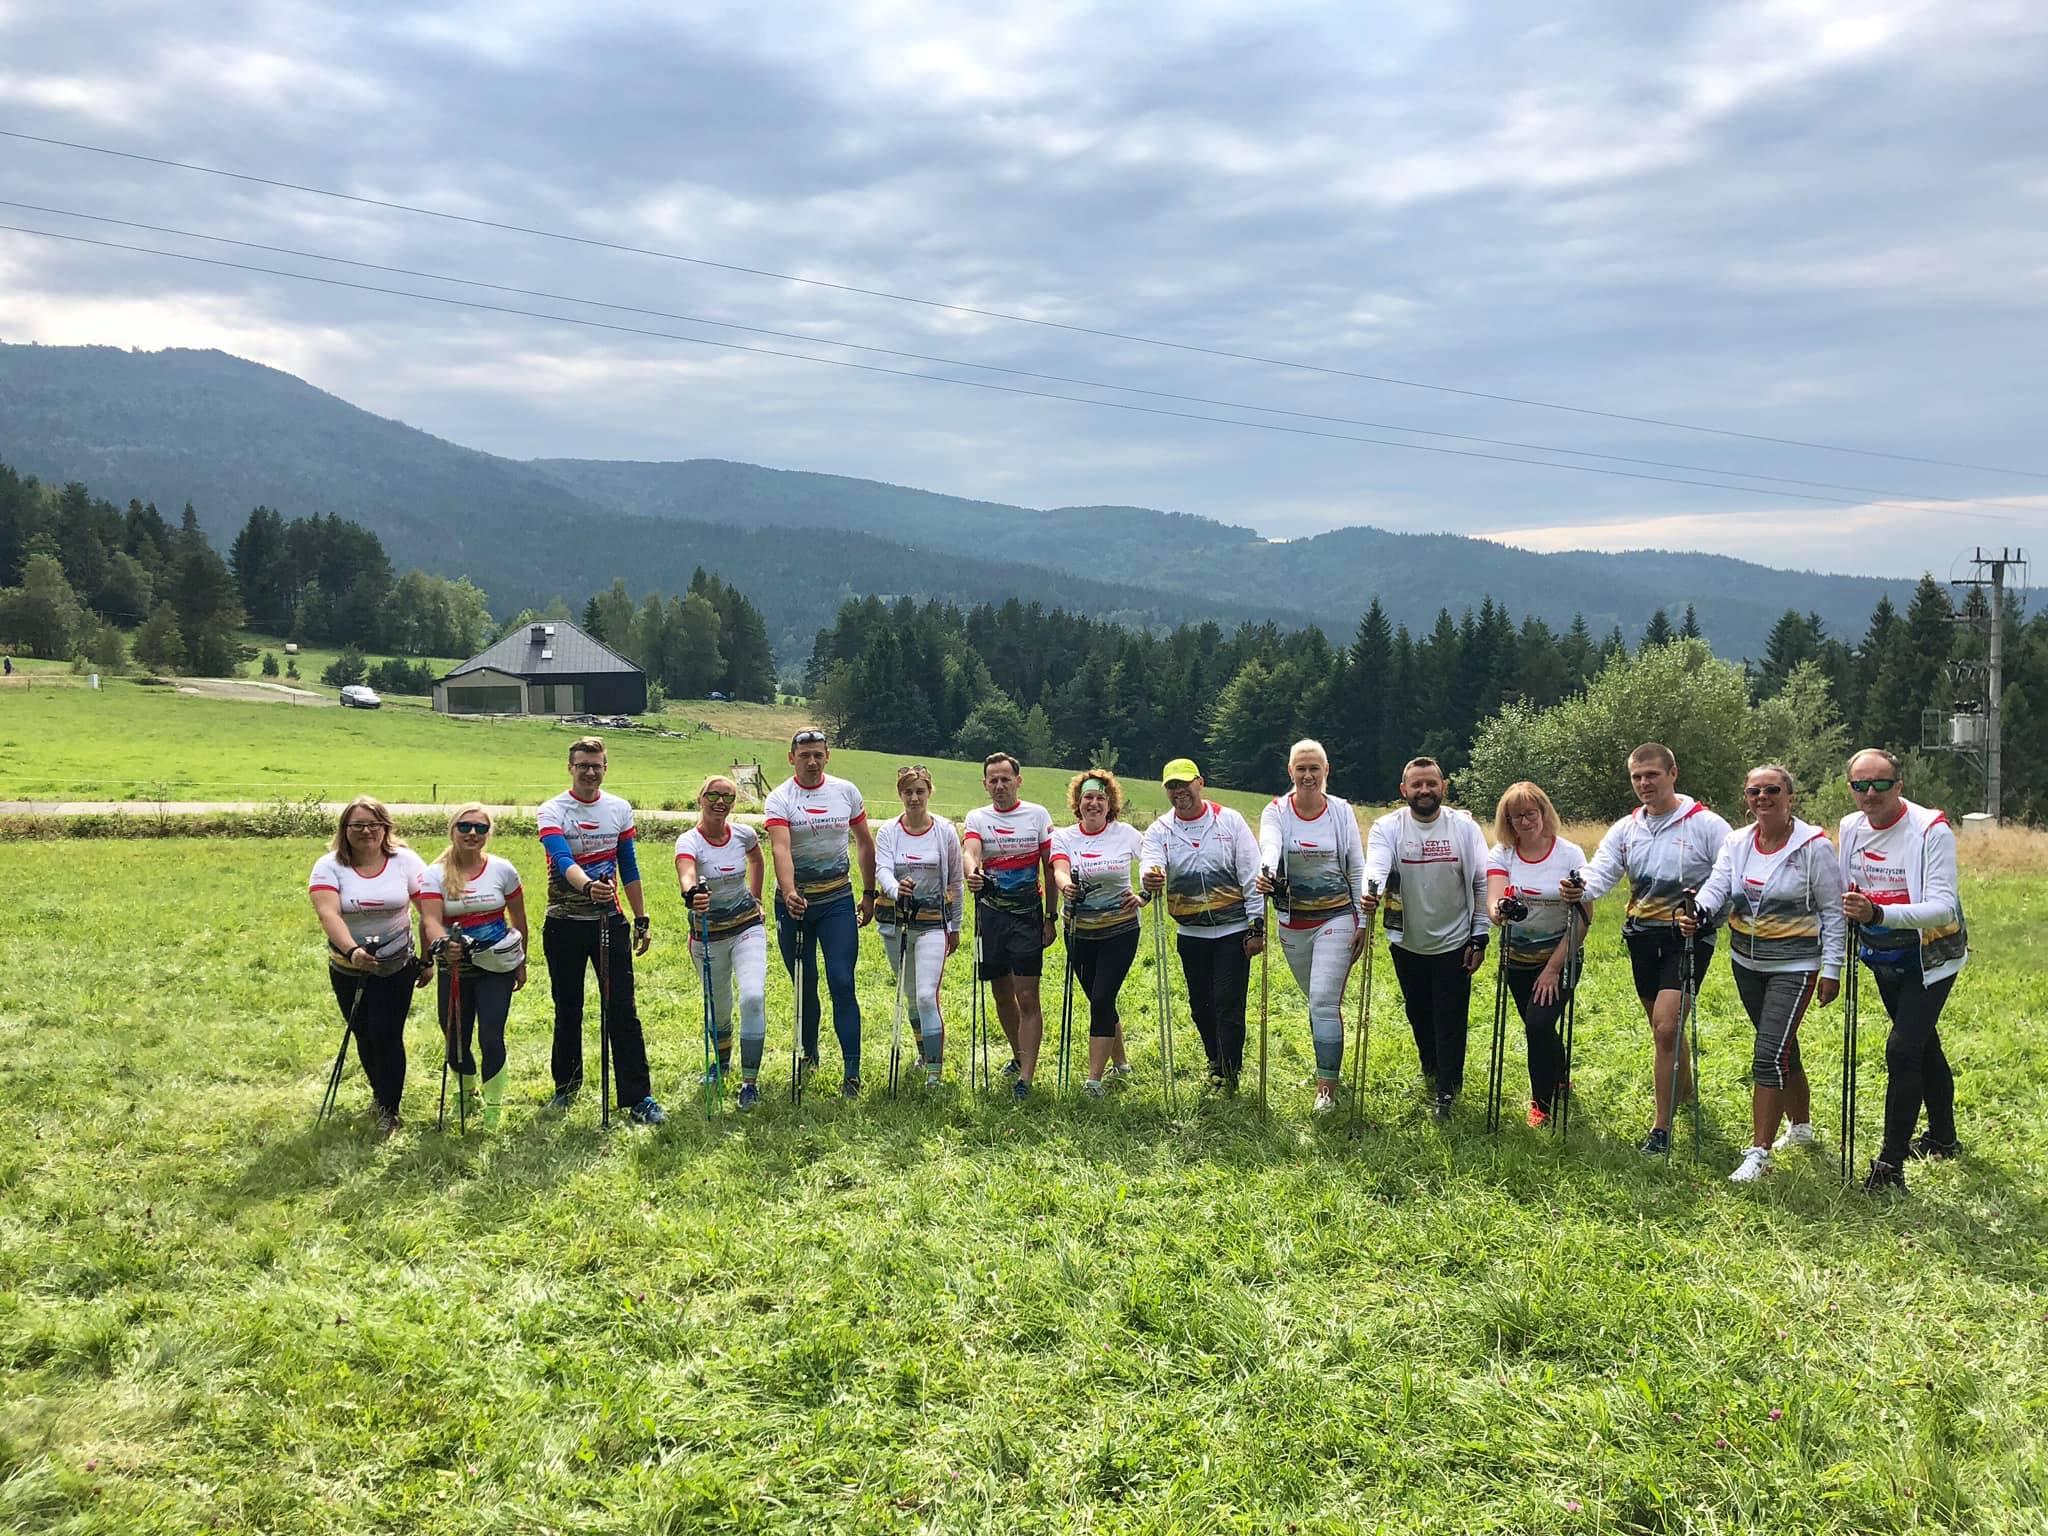 Grupa piętnastu kobiet i mężczyzn na tle gór. Stoją na polanie. Ubrani w sportową odzież. Kije do Nordic Walking trzymają w dłoniach.